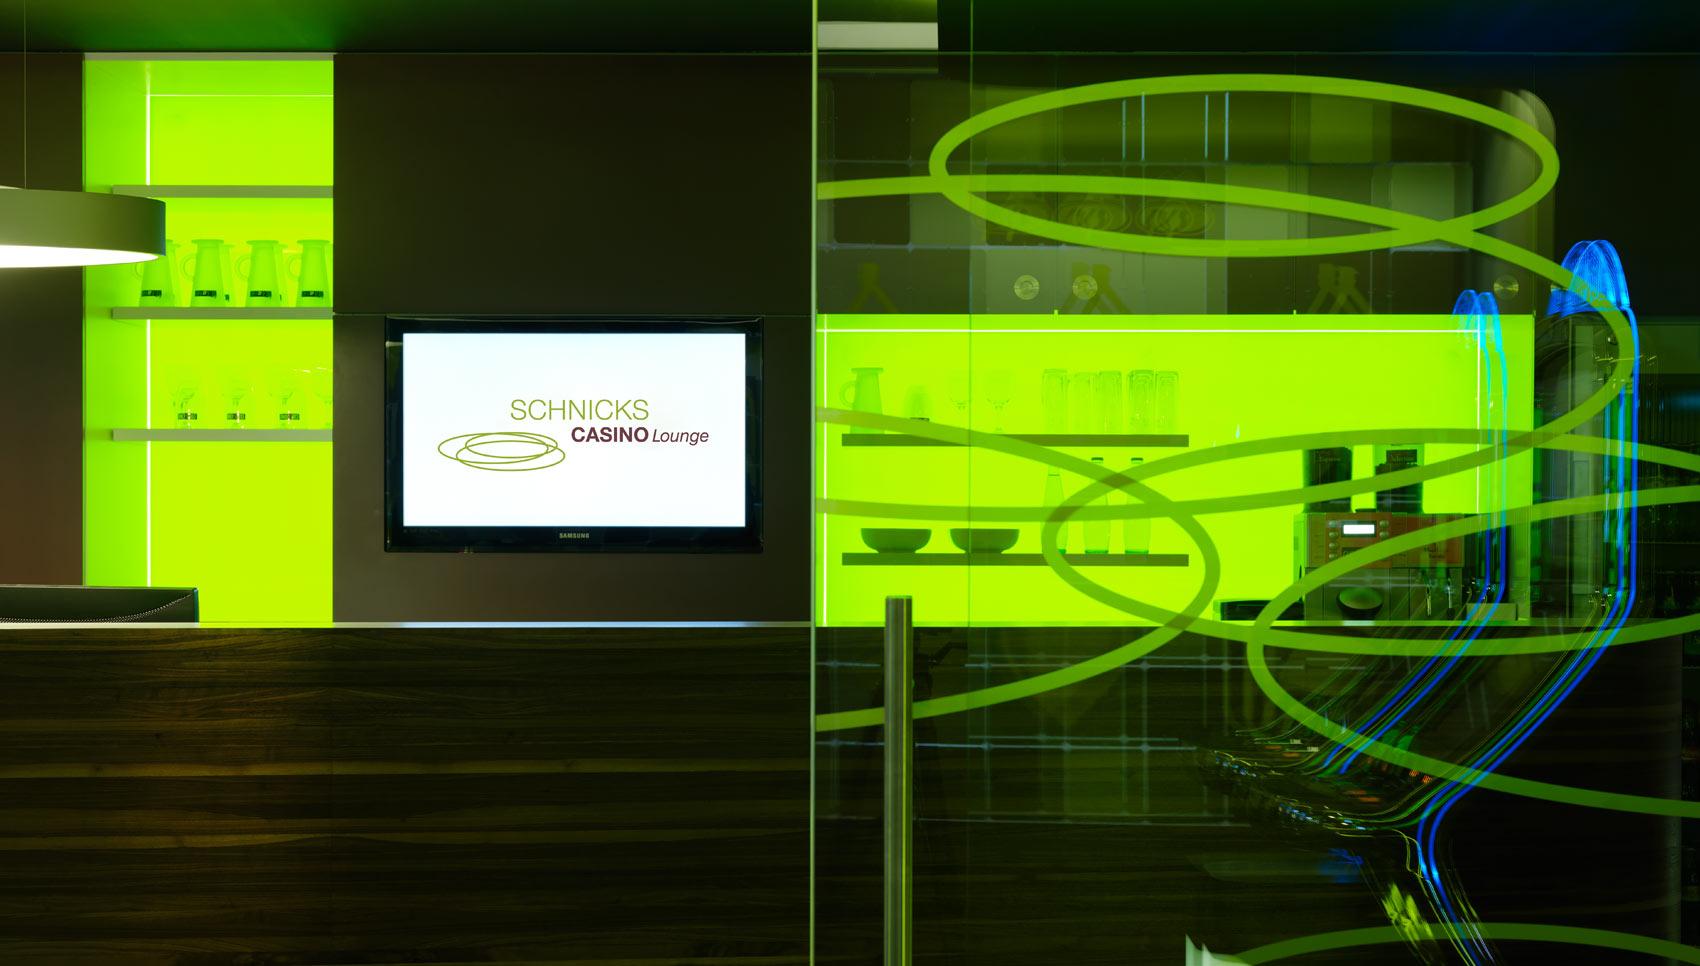 Schnicks Casino Geschäftsausstattung Fahrzeugbeschriftung Inneneinrichtung